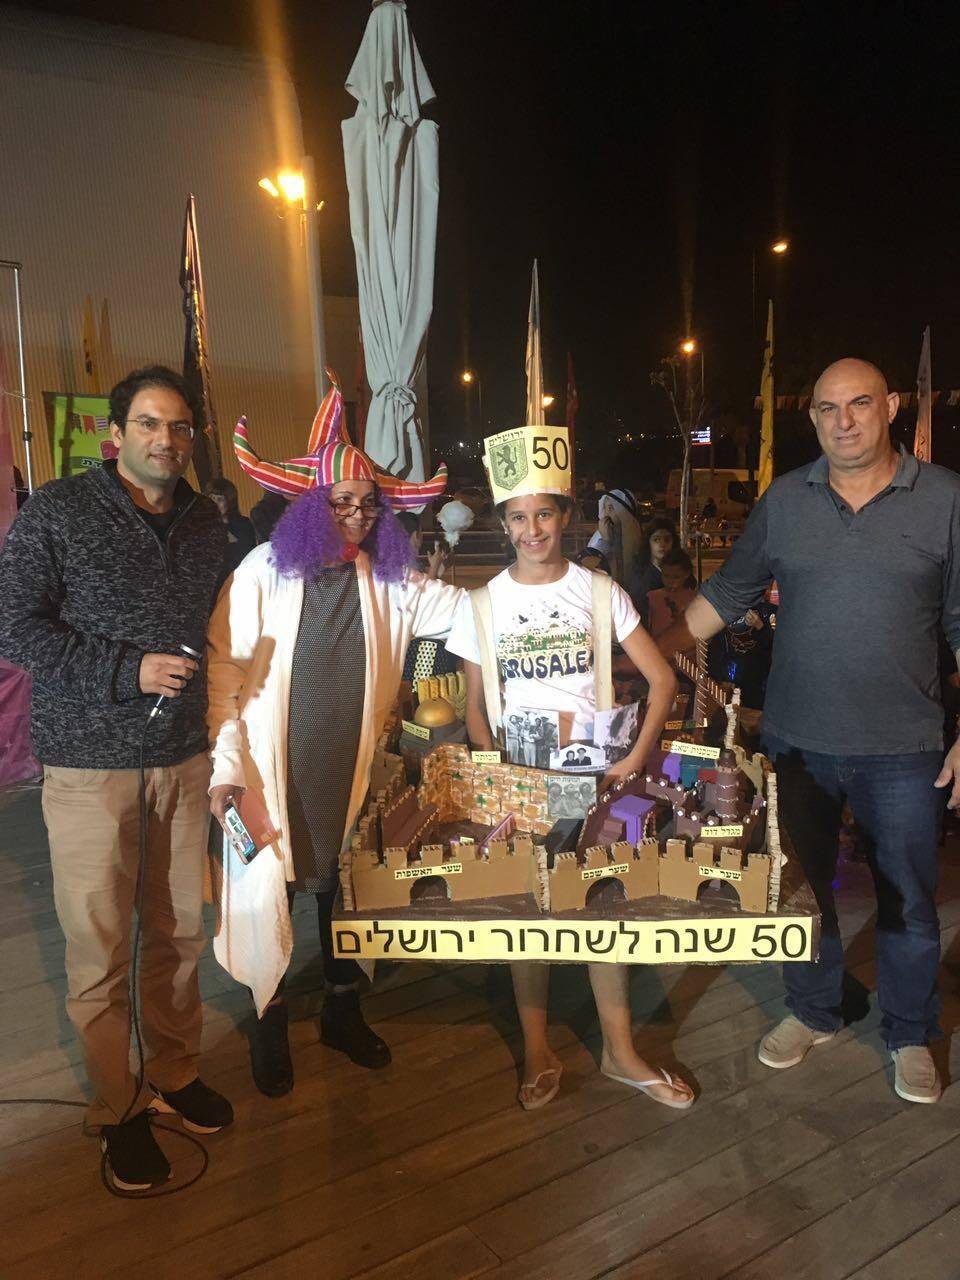 מקום ראשון... ליאל ותחפושת 50 שנה לשחרור ירושלים בתחרות התחפושות בקרית השרון